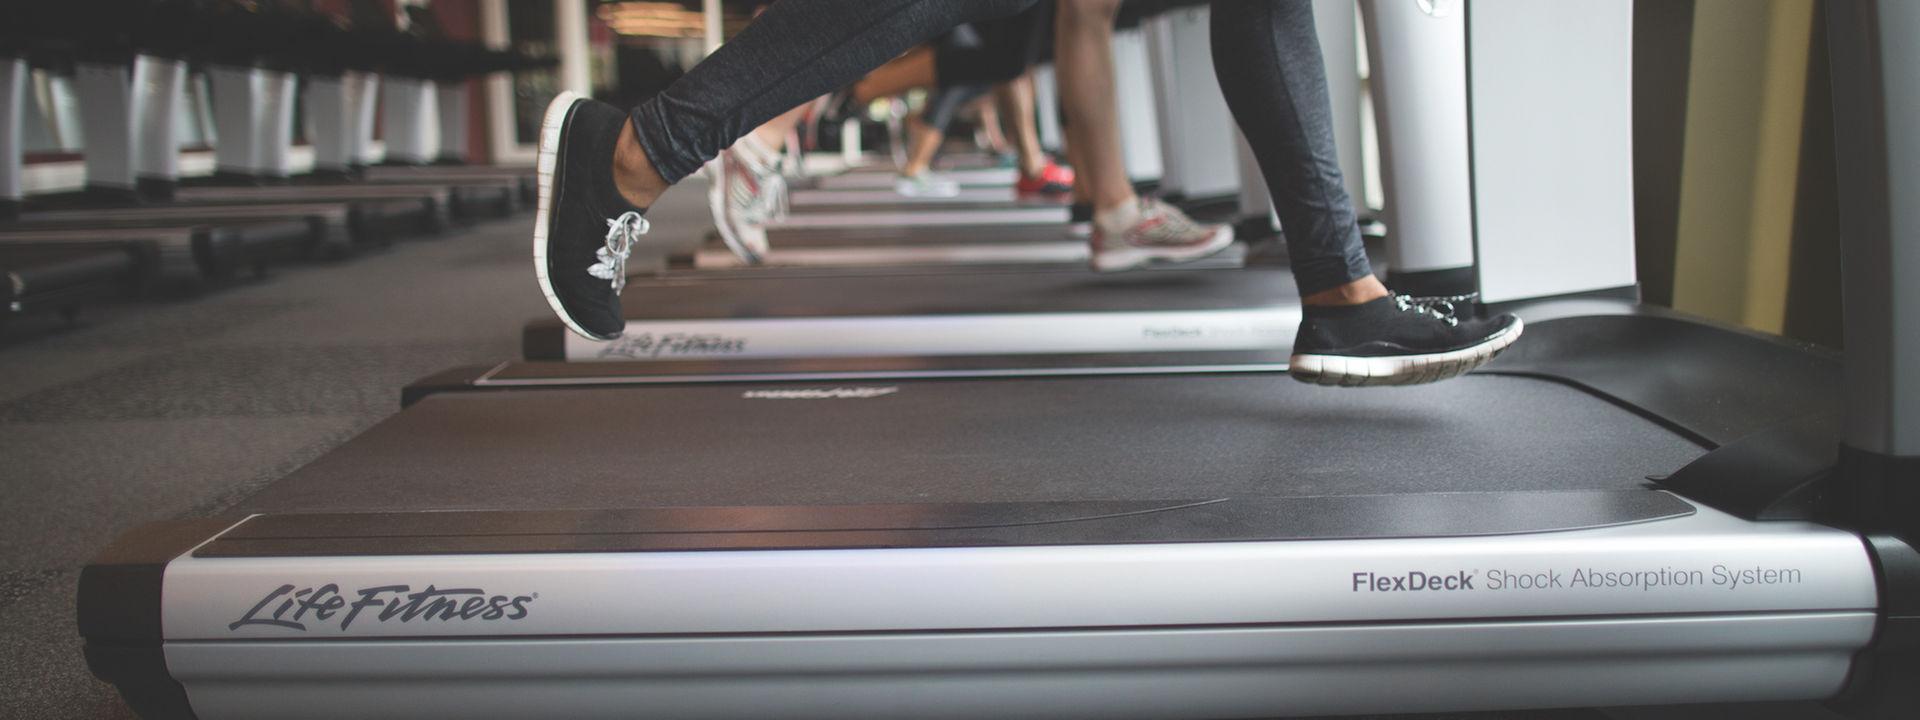 brand-elevation-treadmill-running-detail-dx15623-mr.jpg